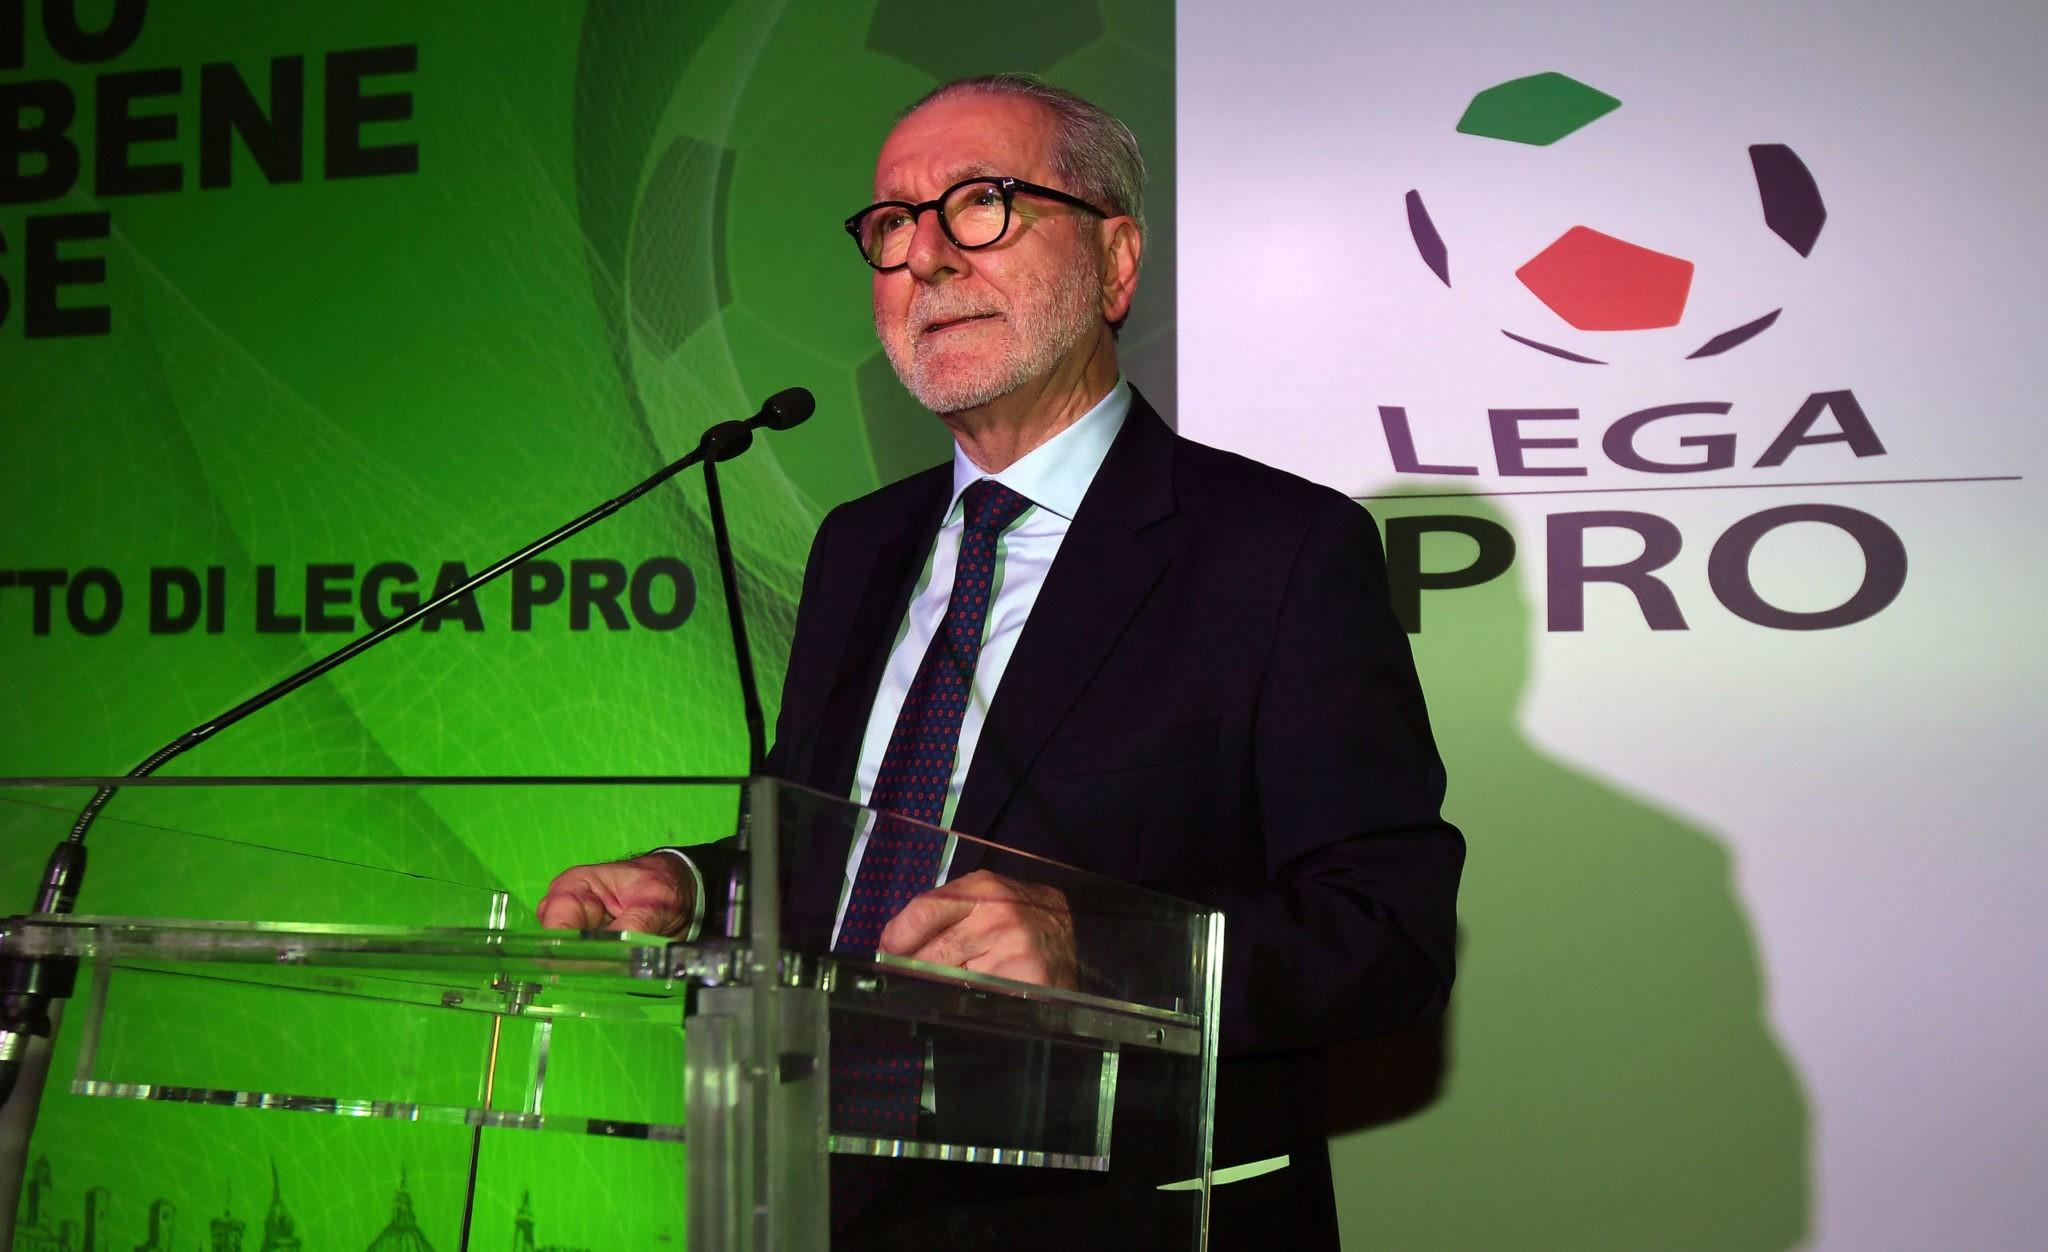 Calcio, play-off Lega Pro: dalle semifinali tempi supplementari ed eventuali calci di rigore